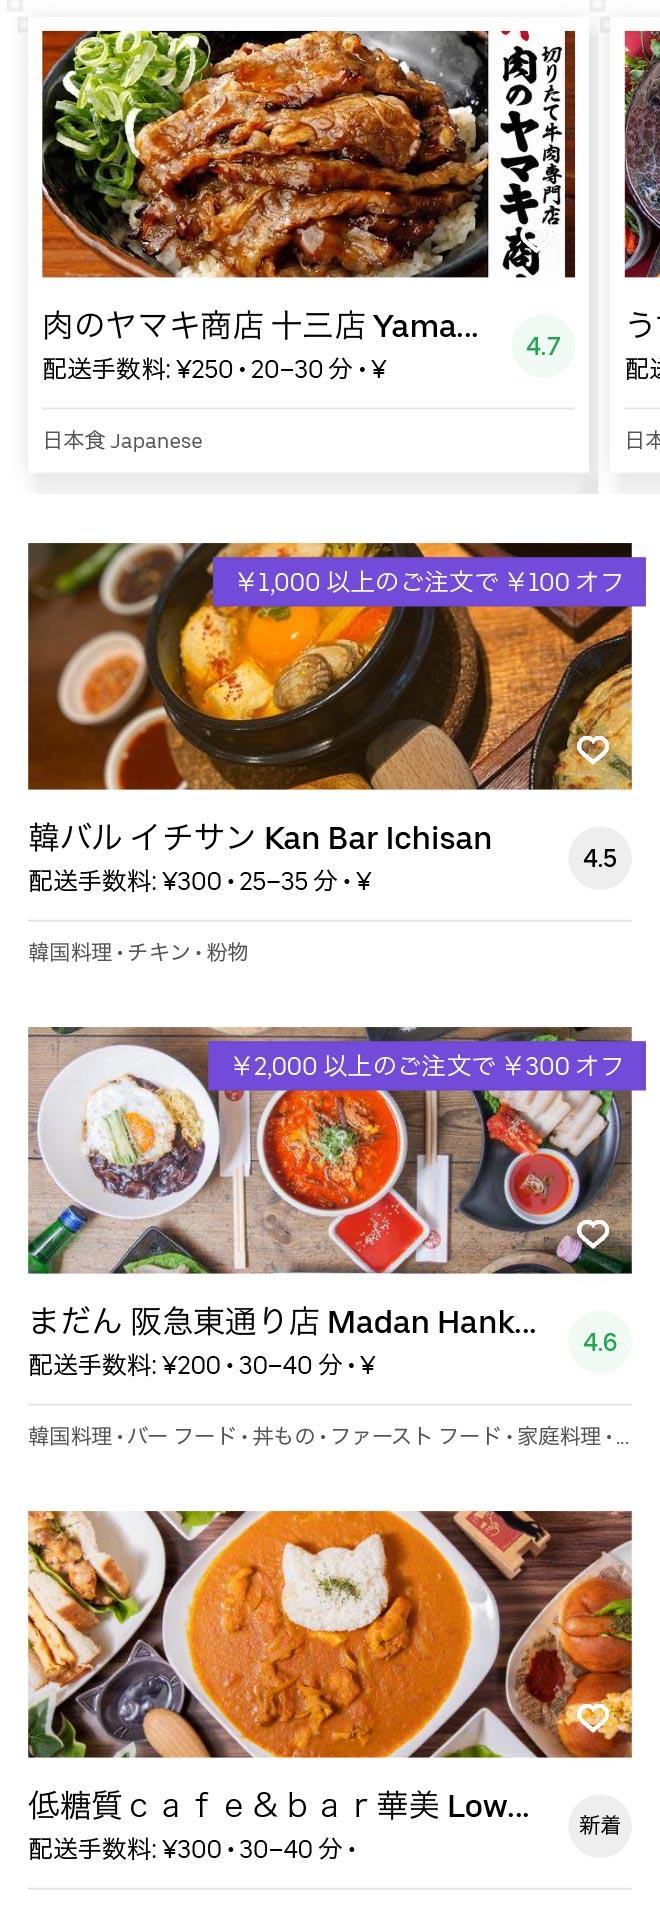 Osaka shin osaka menu 2005 02